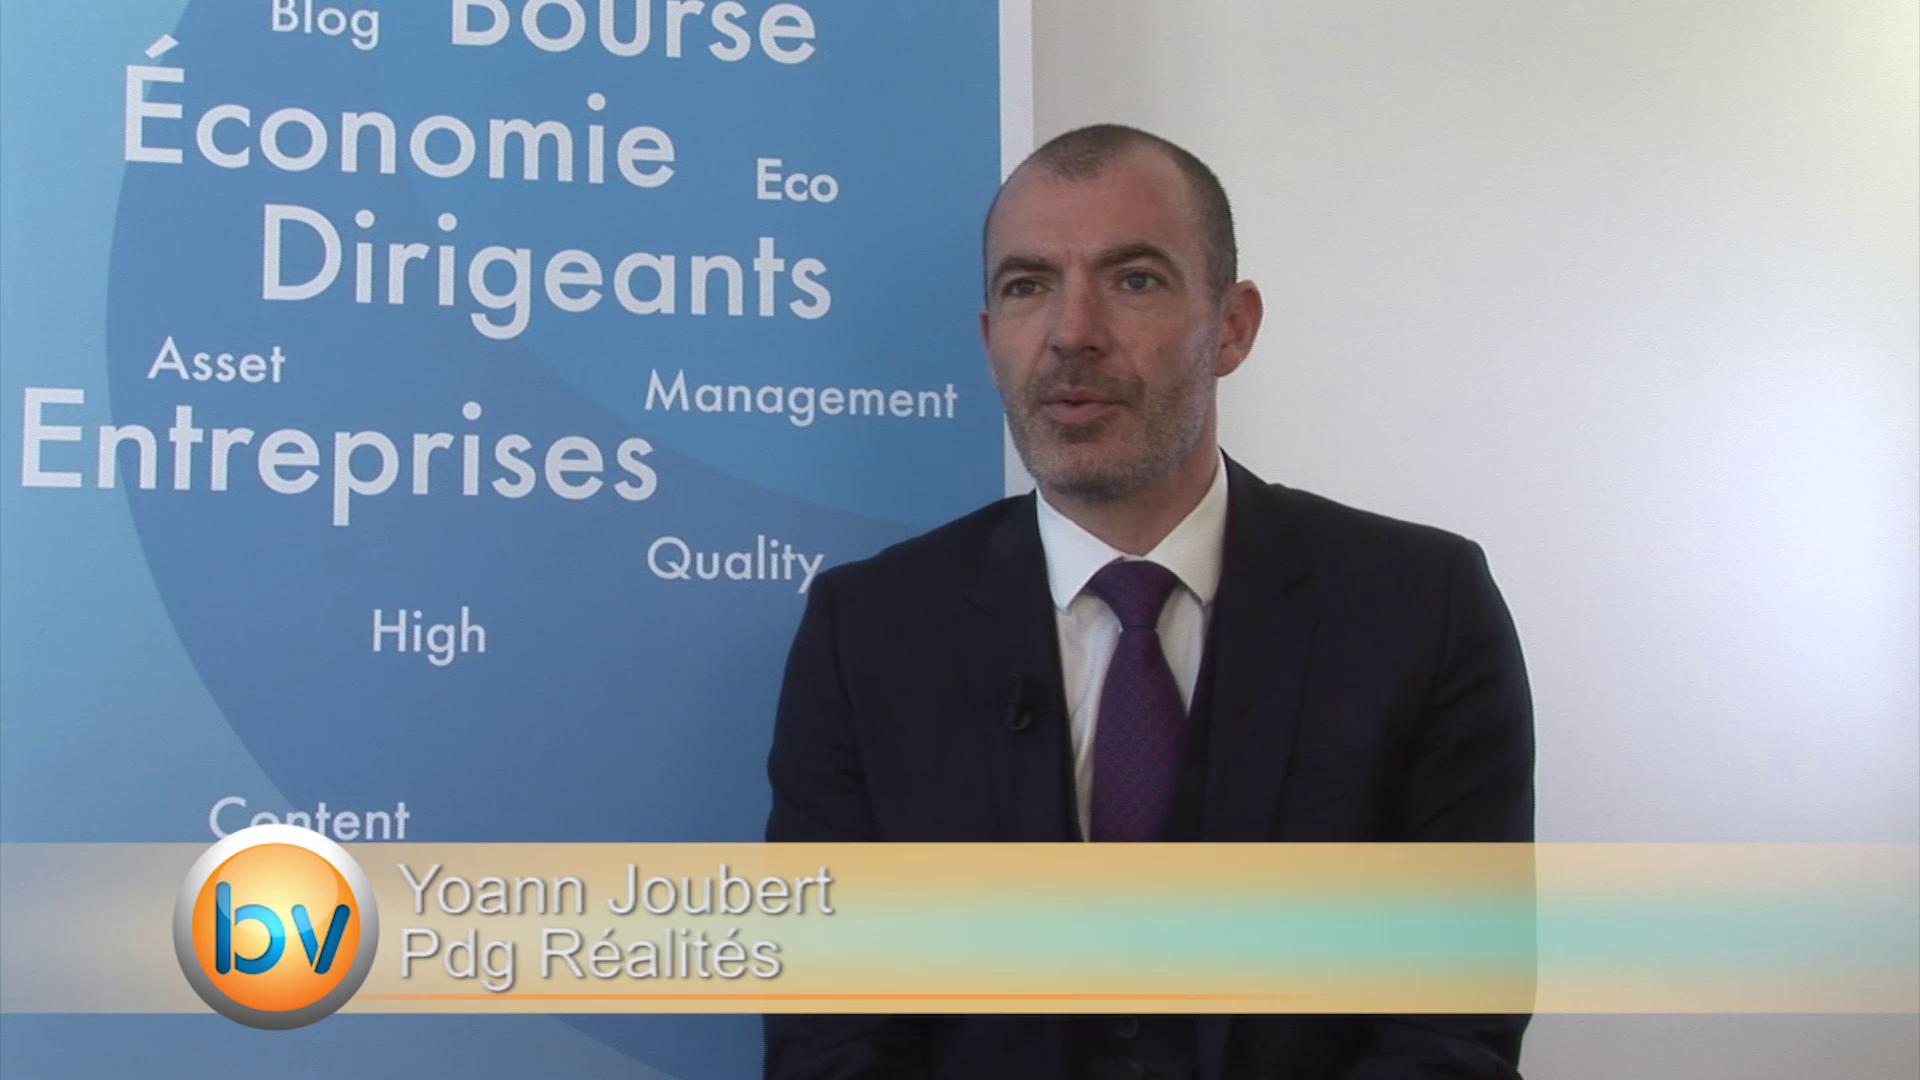 """Yoann Joubert Pdg Réalités : """"Trouver un modèle de croissance qui crée de la valeur pour nos actionnaires"""""""